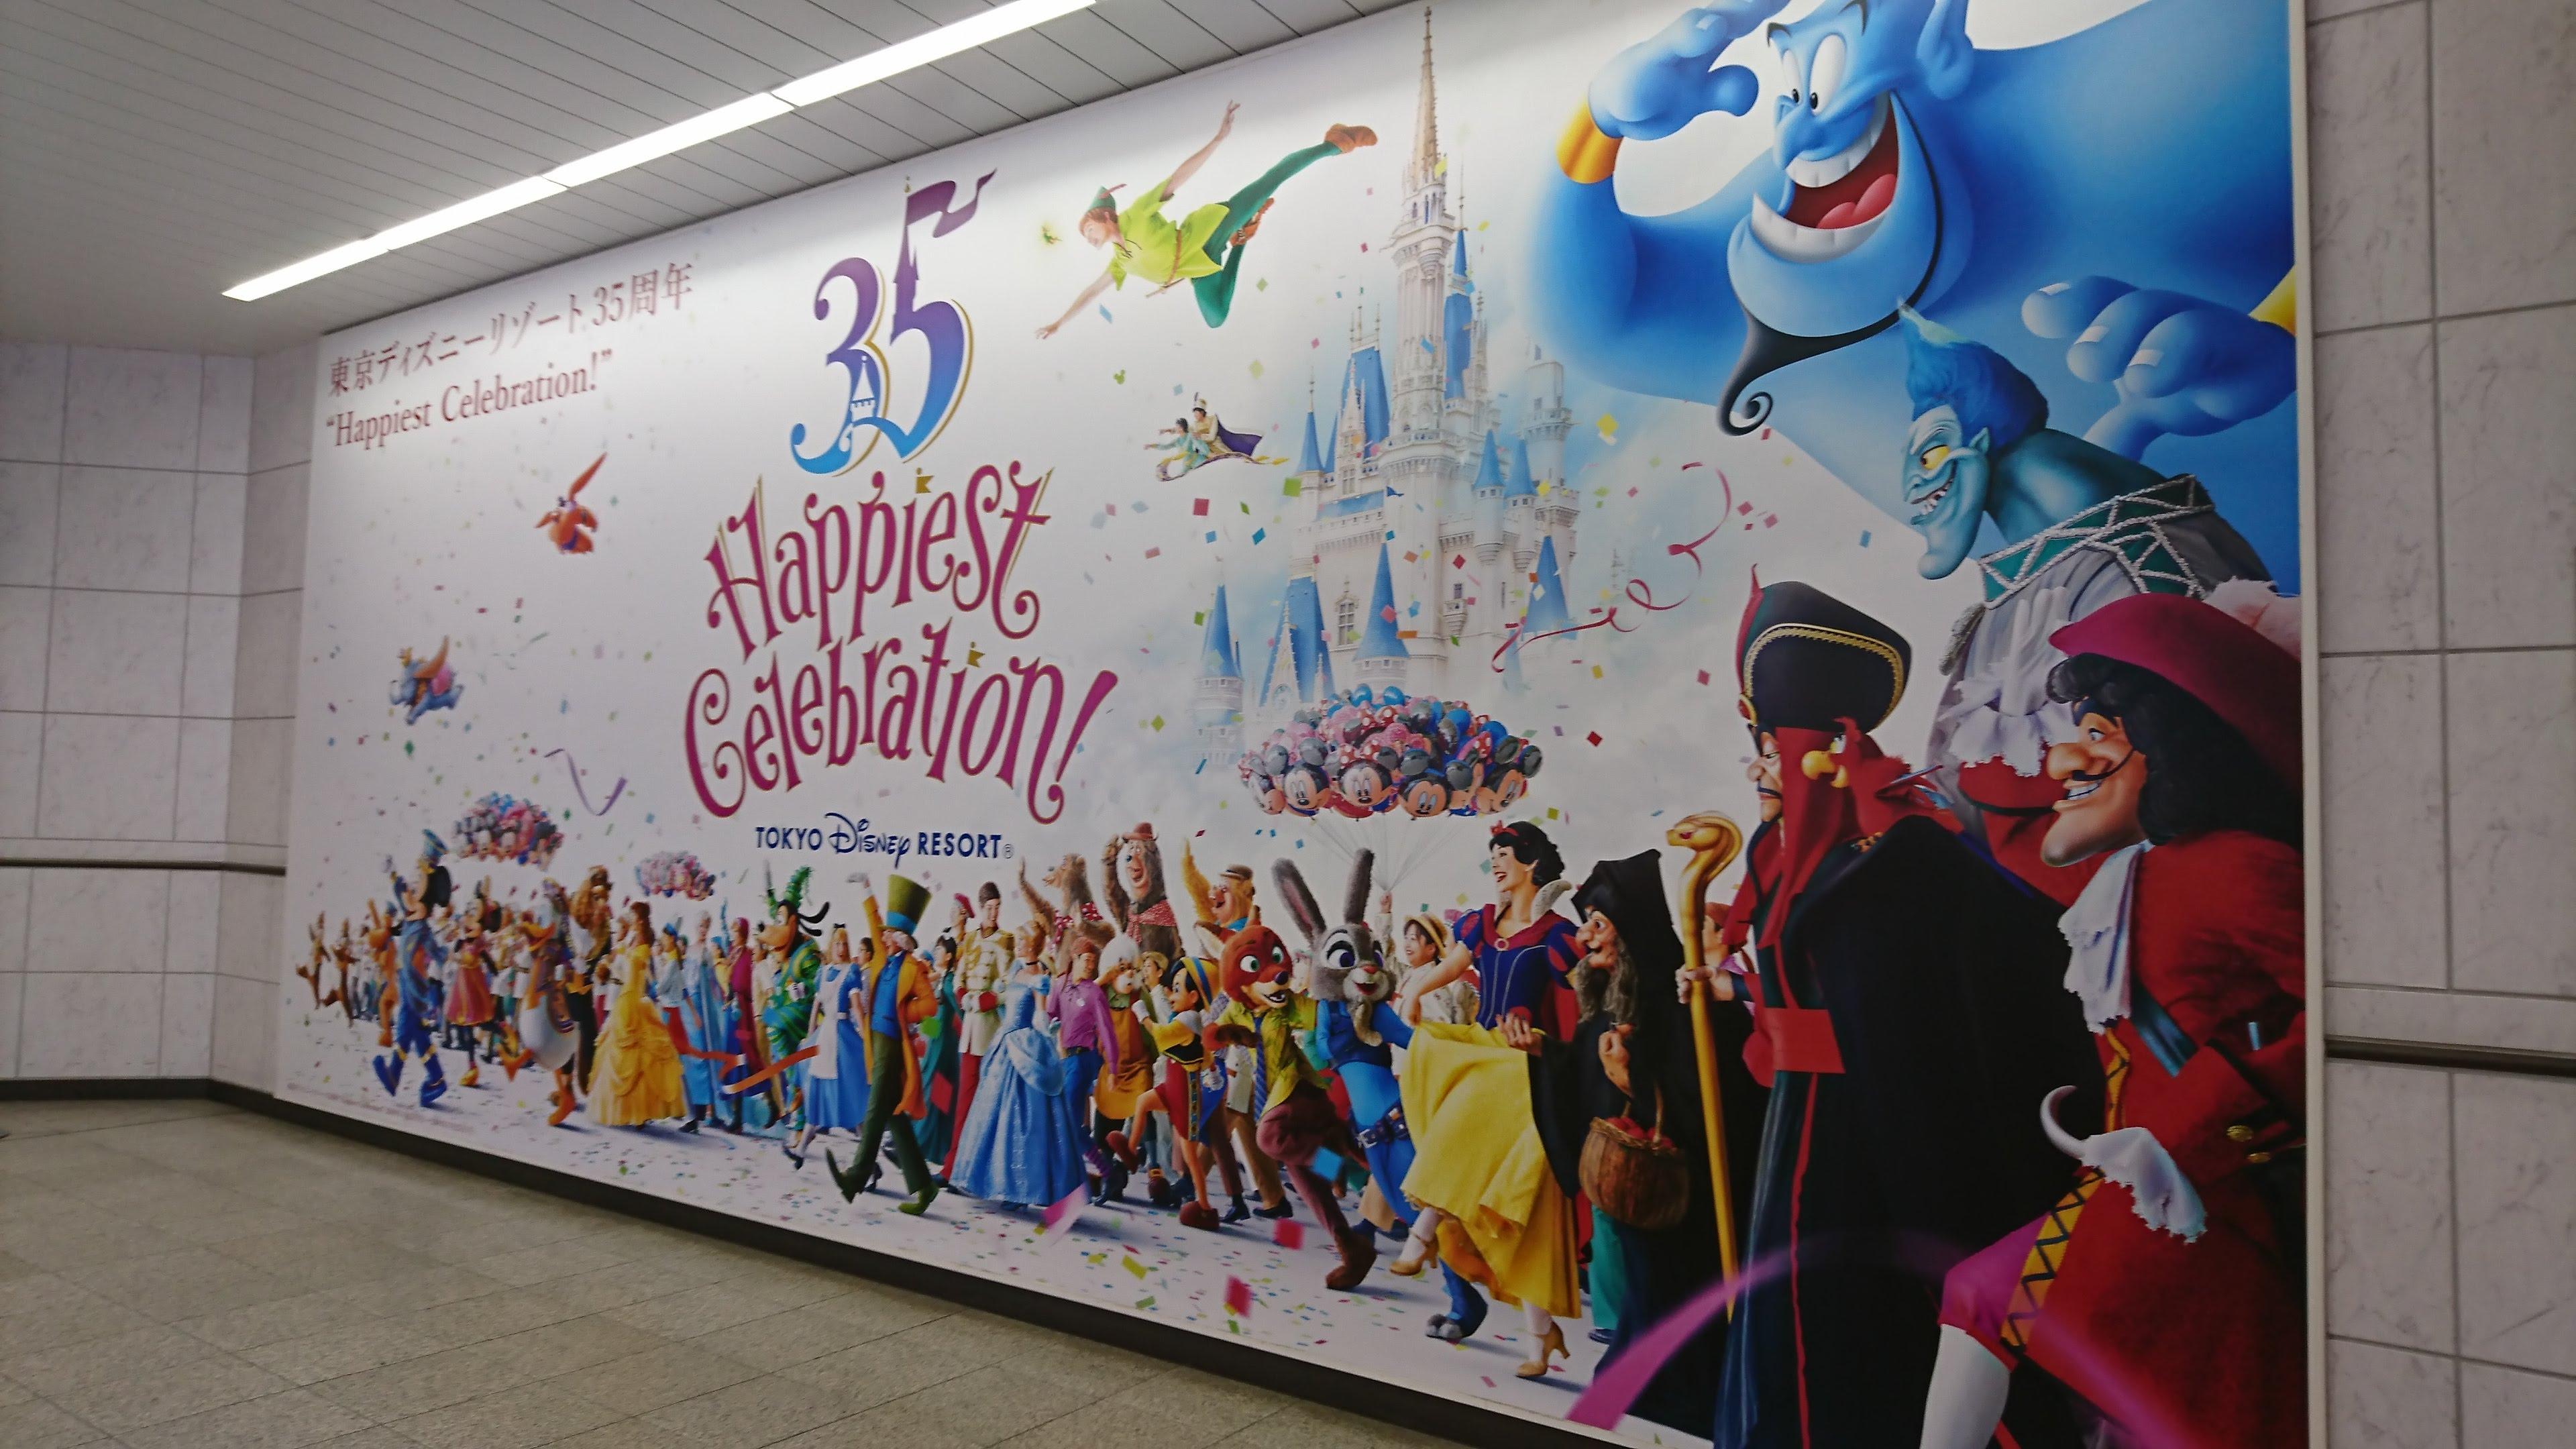 #13 ディズニーの特別プログラム「パークファンパーティー」について語る